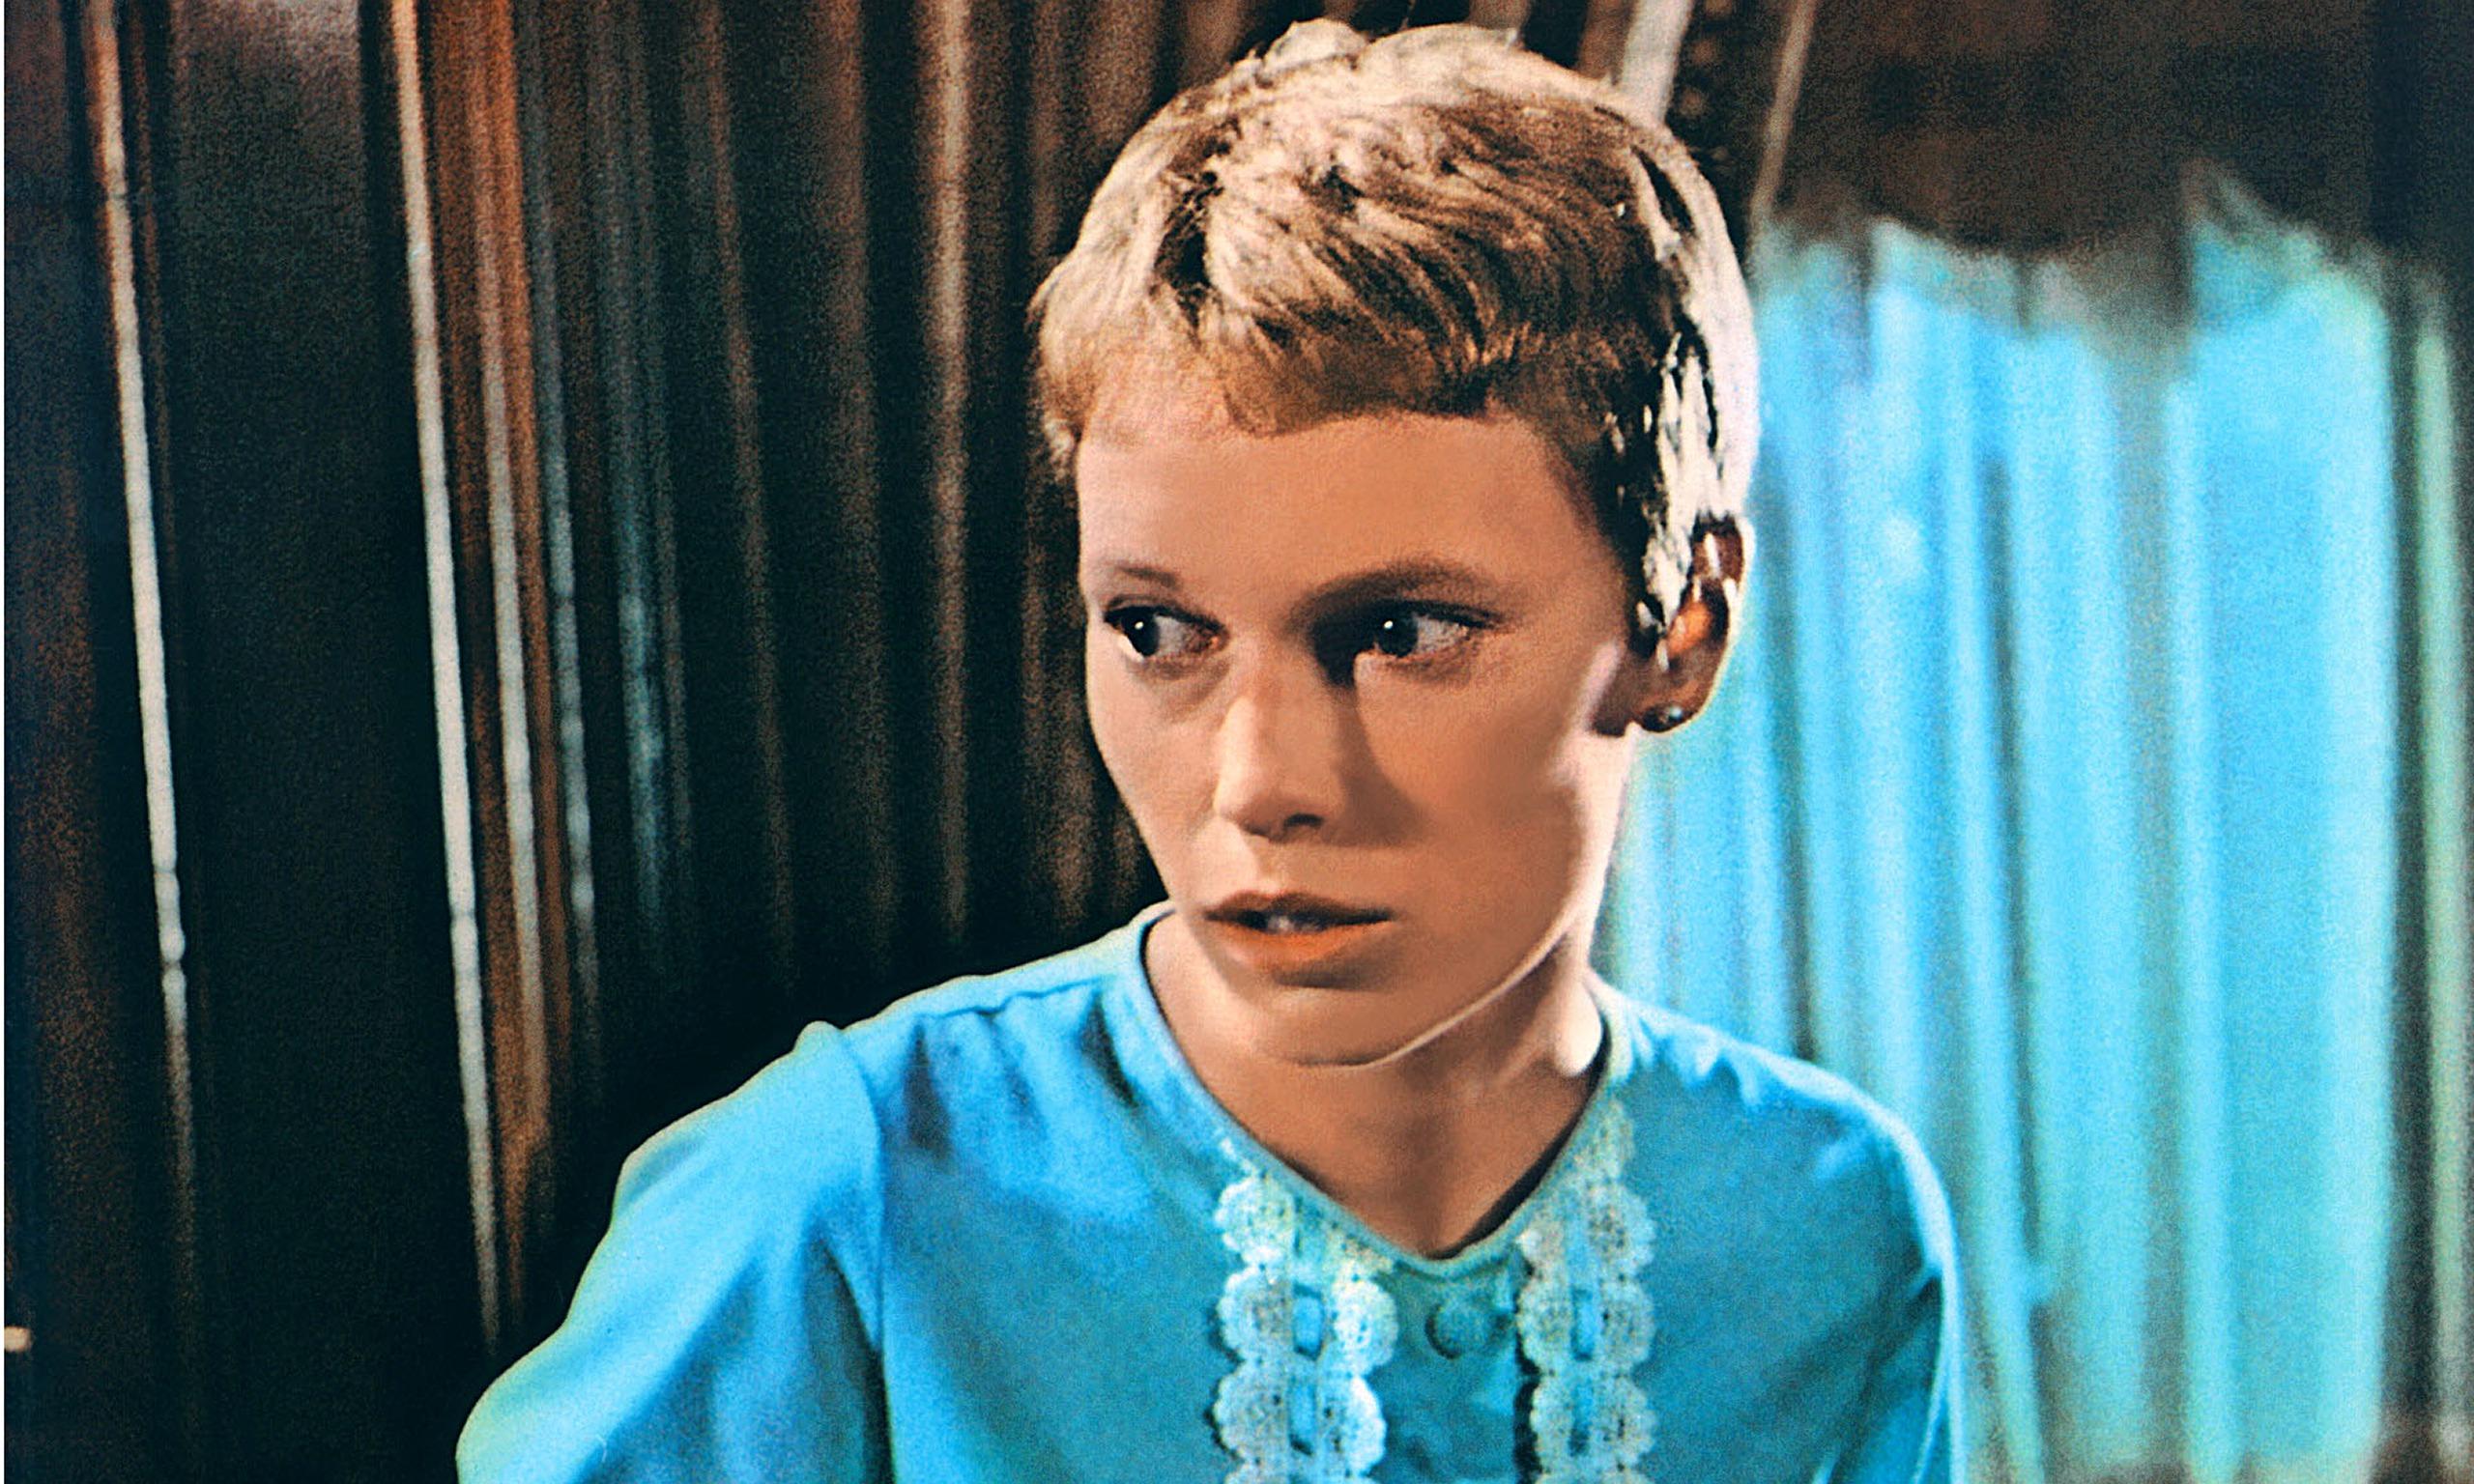 Mia Farrow as Rosemary Woodhouse from Rosemary's Baby